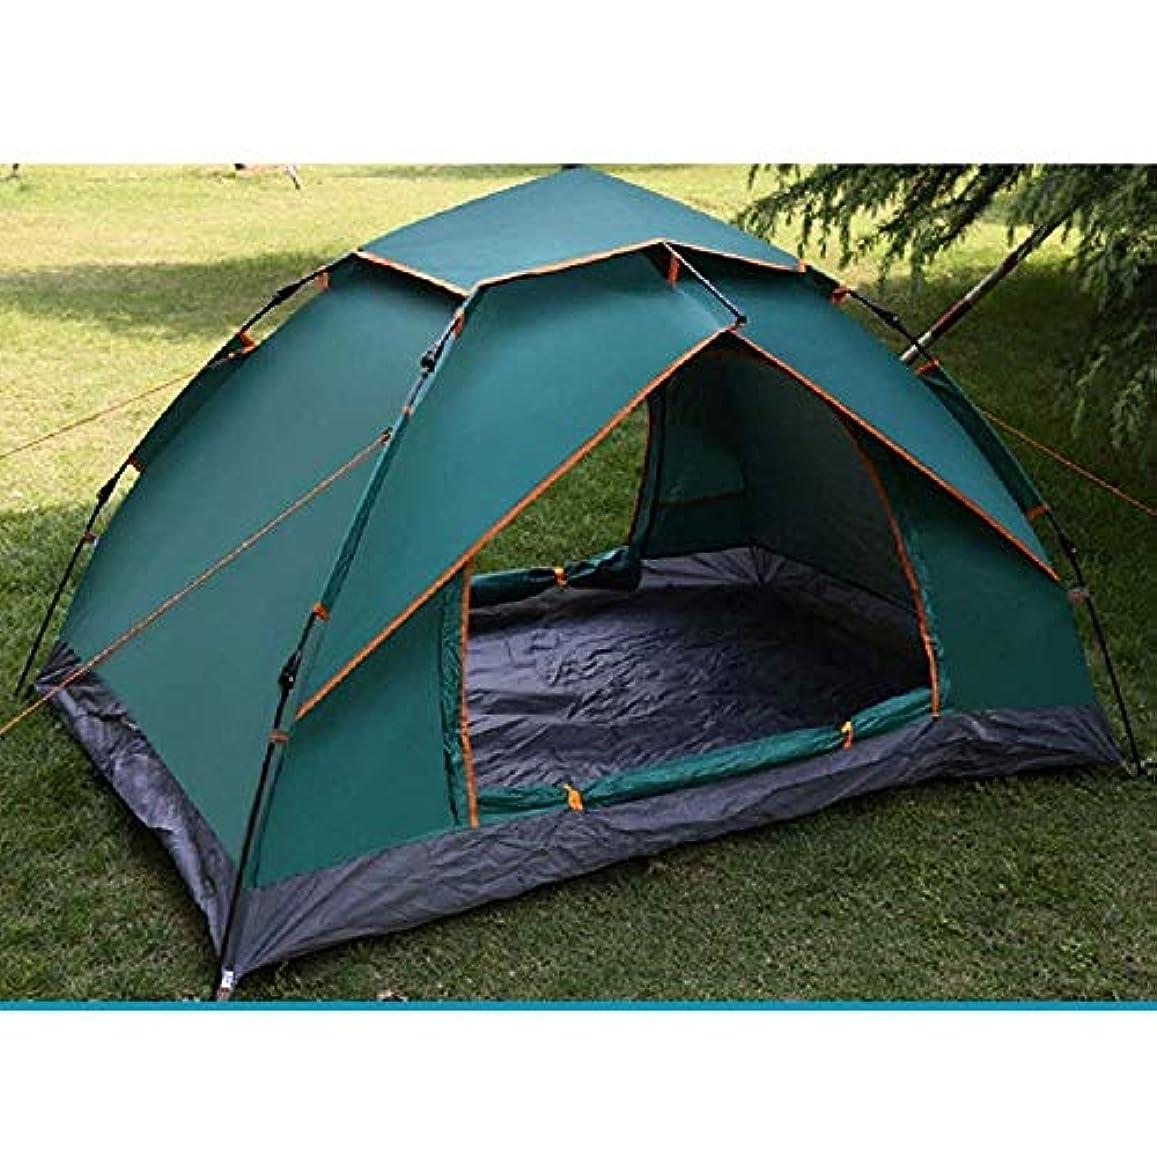 葉扱うセイはさておきSHIJIAN 防水3シーズンファミリーキャンプテント3?4人、自動ビーチ日よけ日焼け止めテント、キャリーバッグ、二重層で運ぶために軽量